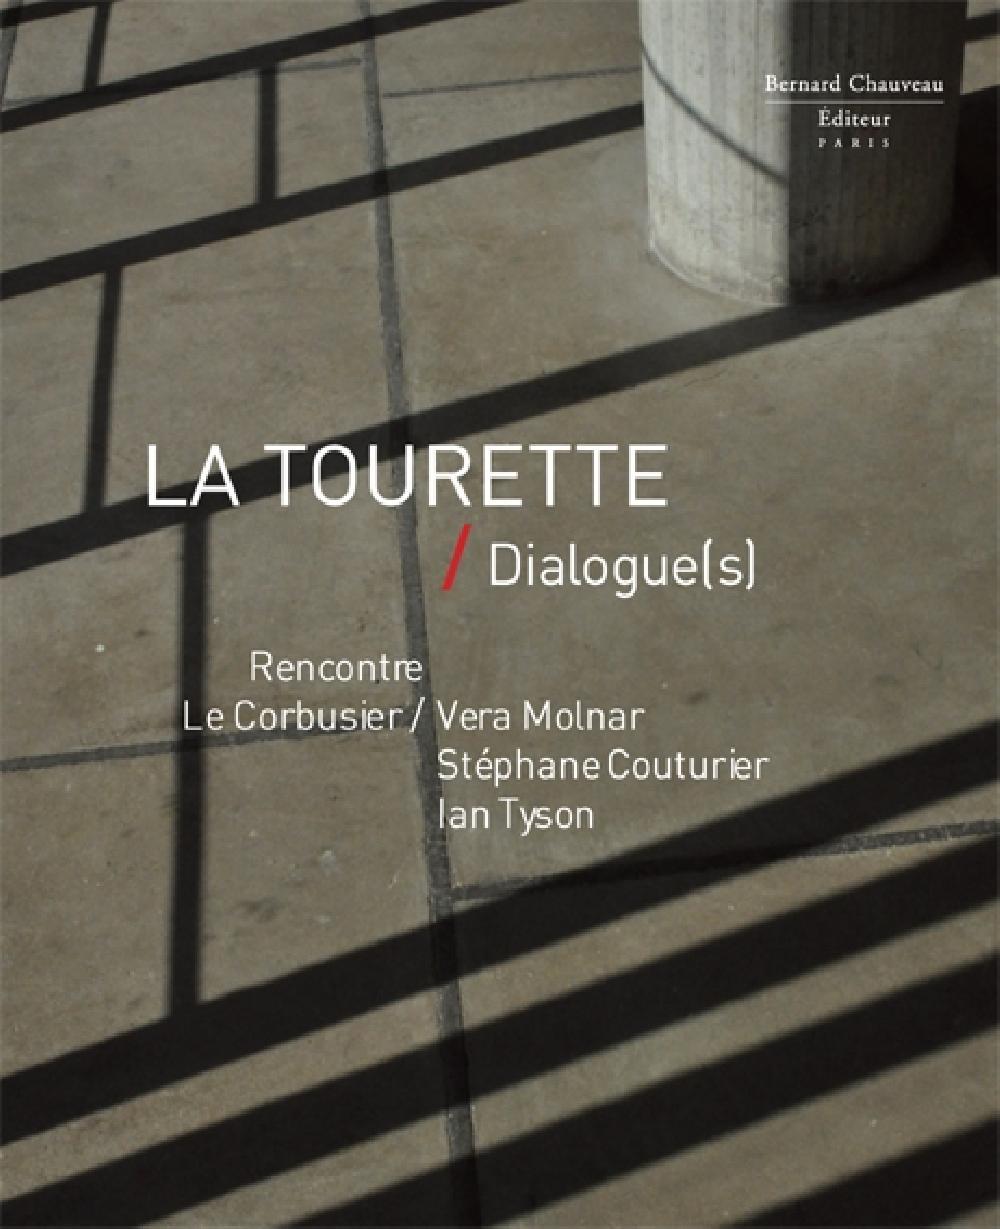 La Tourette / Dialogue(s)